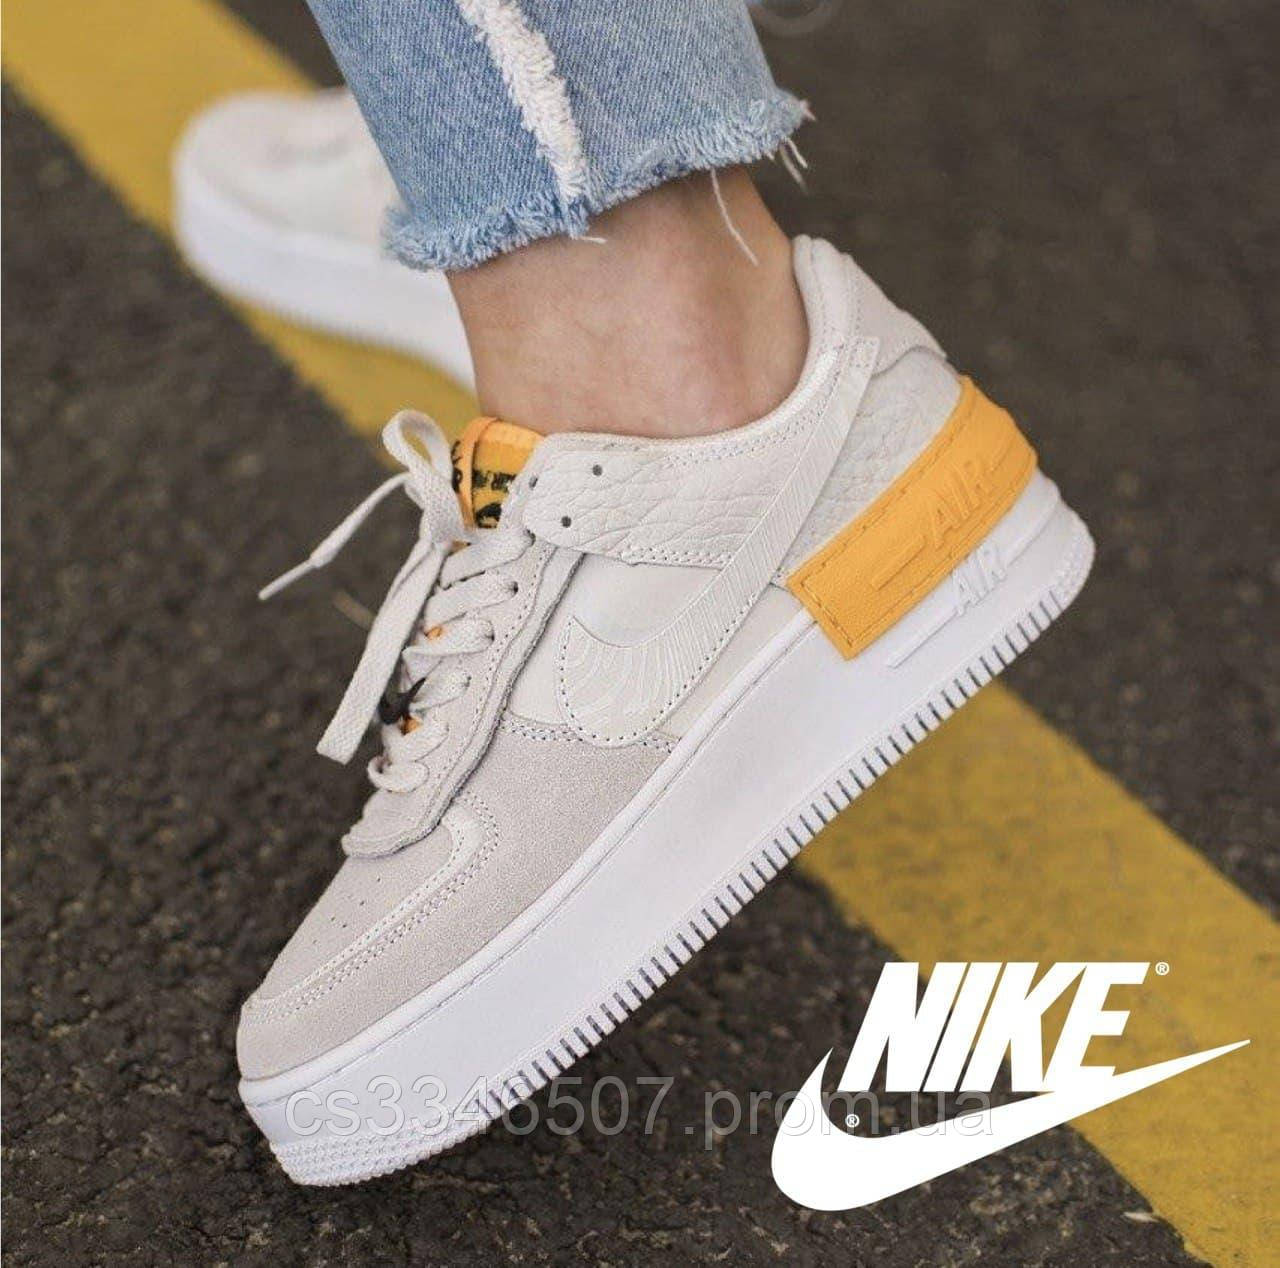 Кожаные кроссовки Nike Air Force Shadow Grey/Orange 36-40 р. Белые женские кроссовки Найк Аир Форс